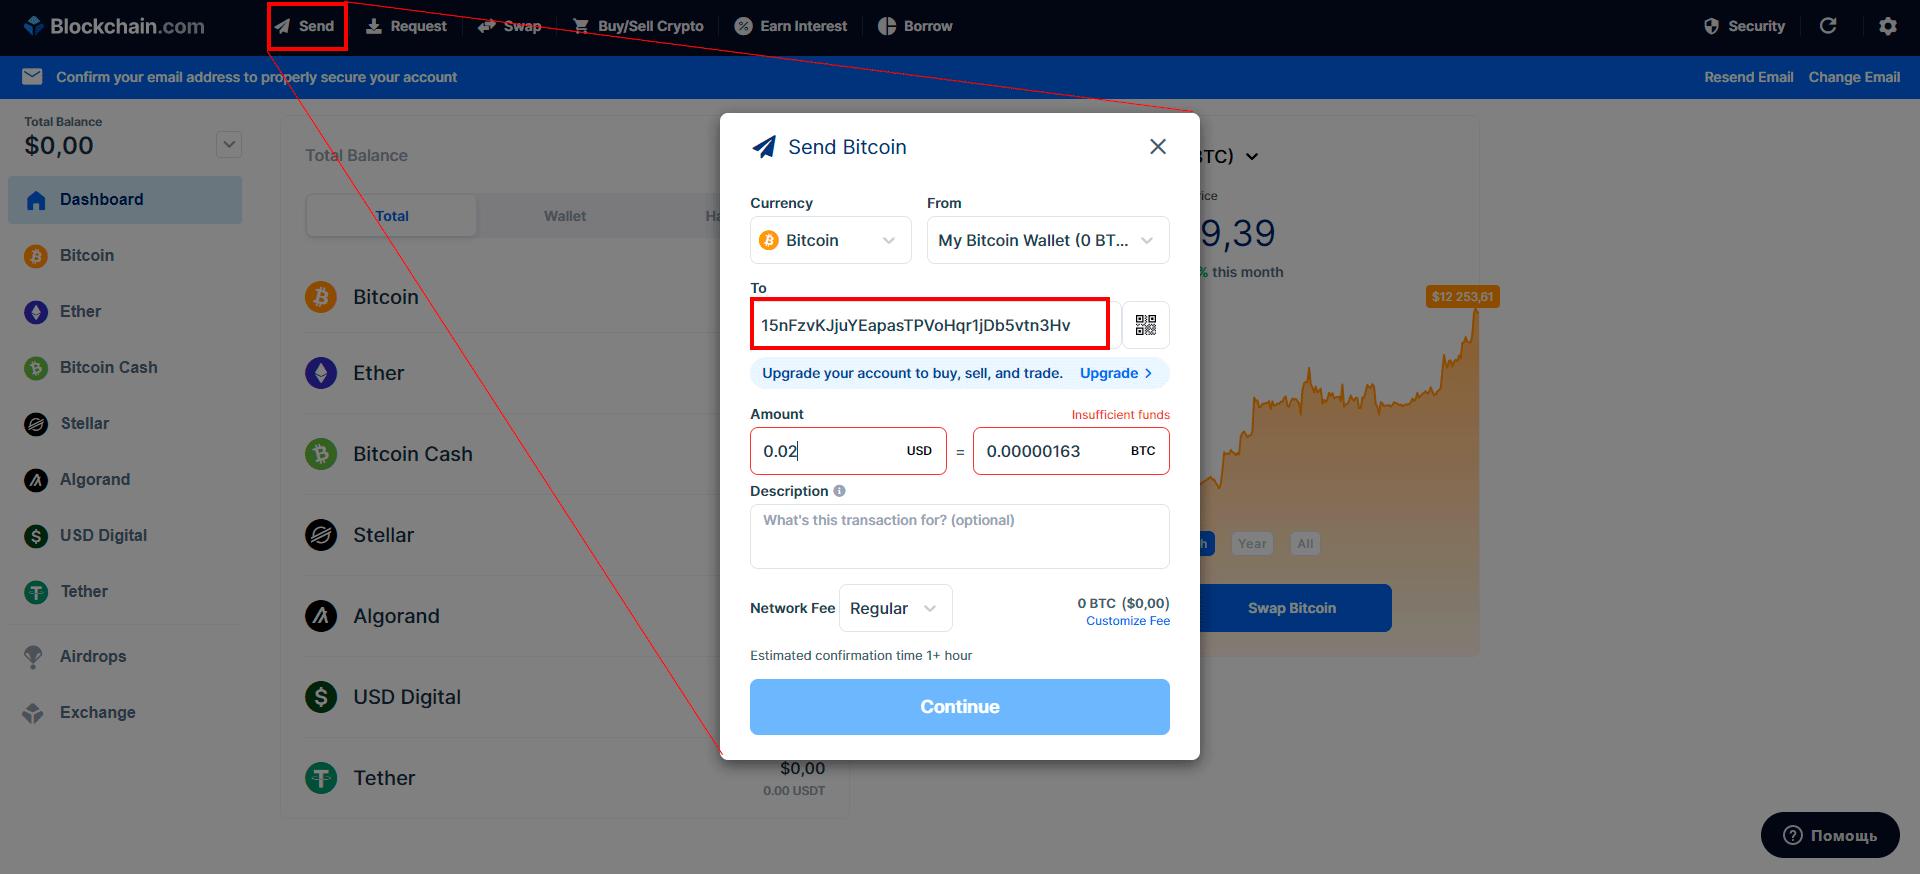 отправить биткоин на обмен на гривны через свой биткоин кошелек